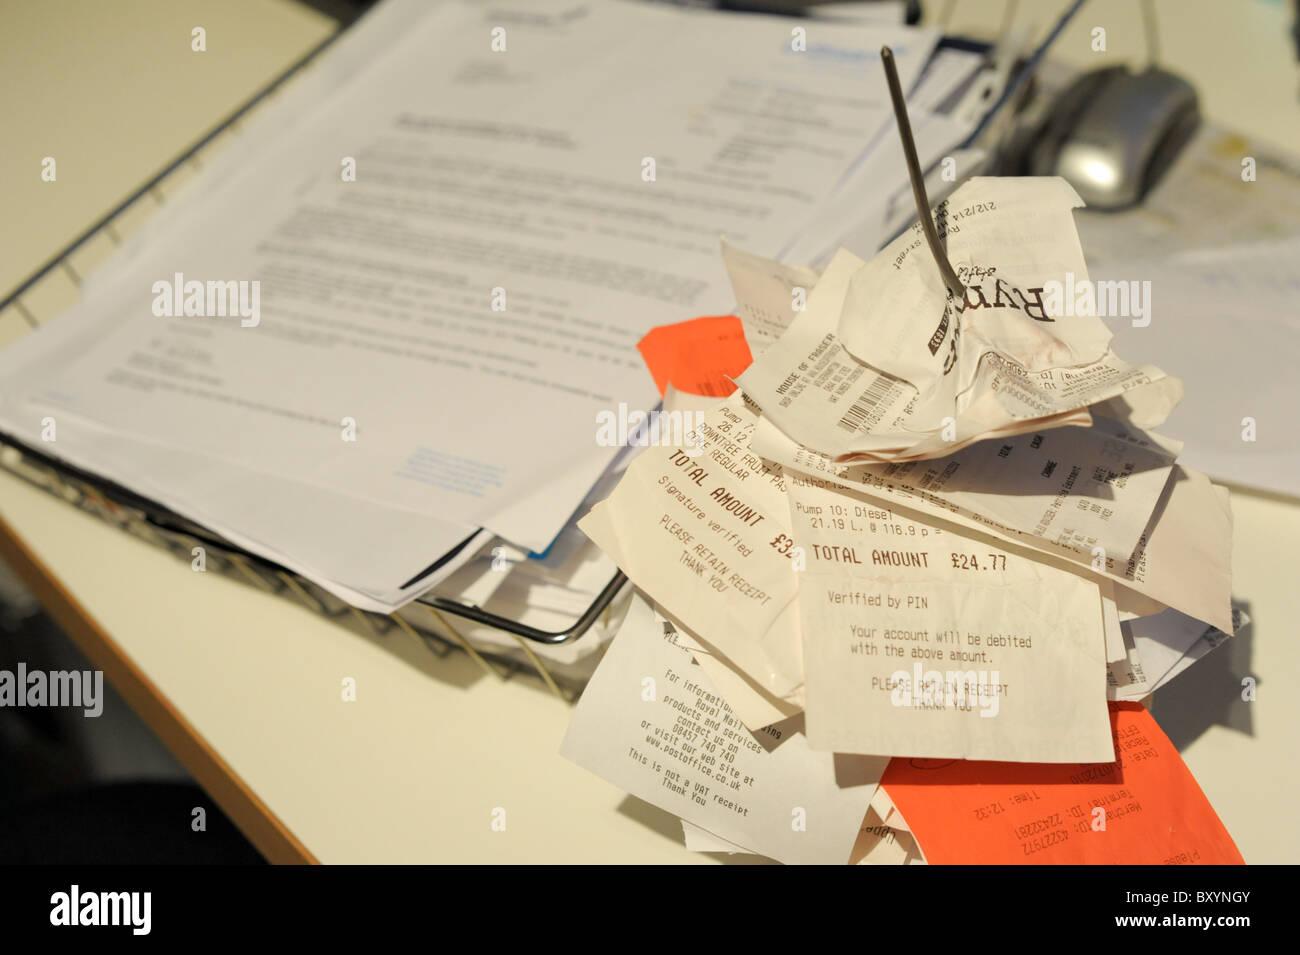 Les reçus et factures à un pic dans un bureau sur un bureau prêt à être traité avec Photo Stock